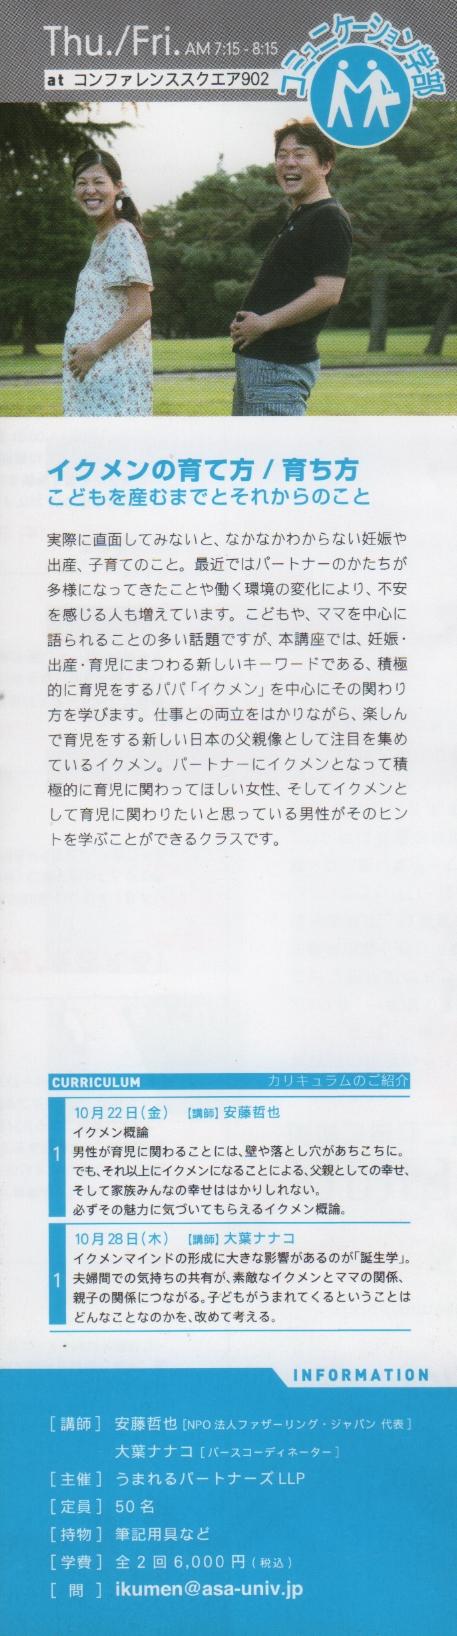 朝大学.jpg